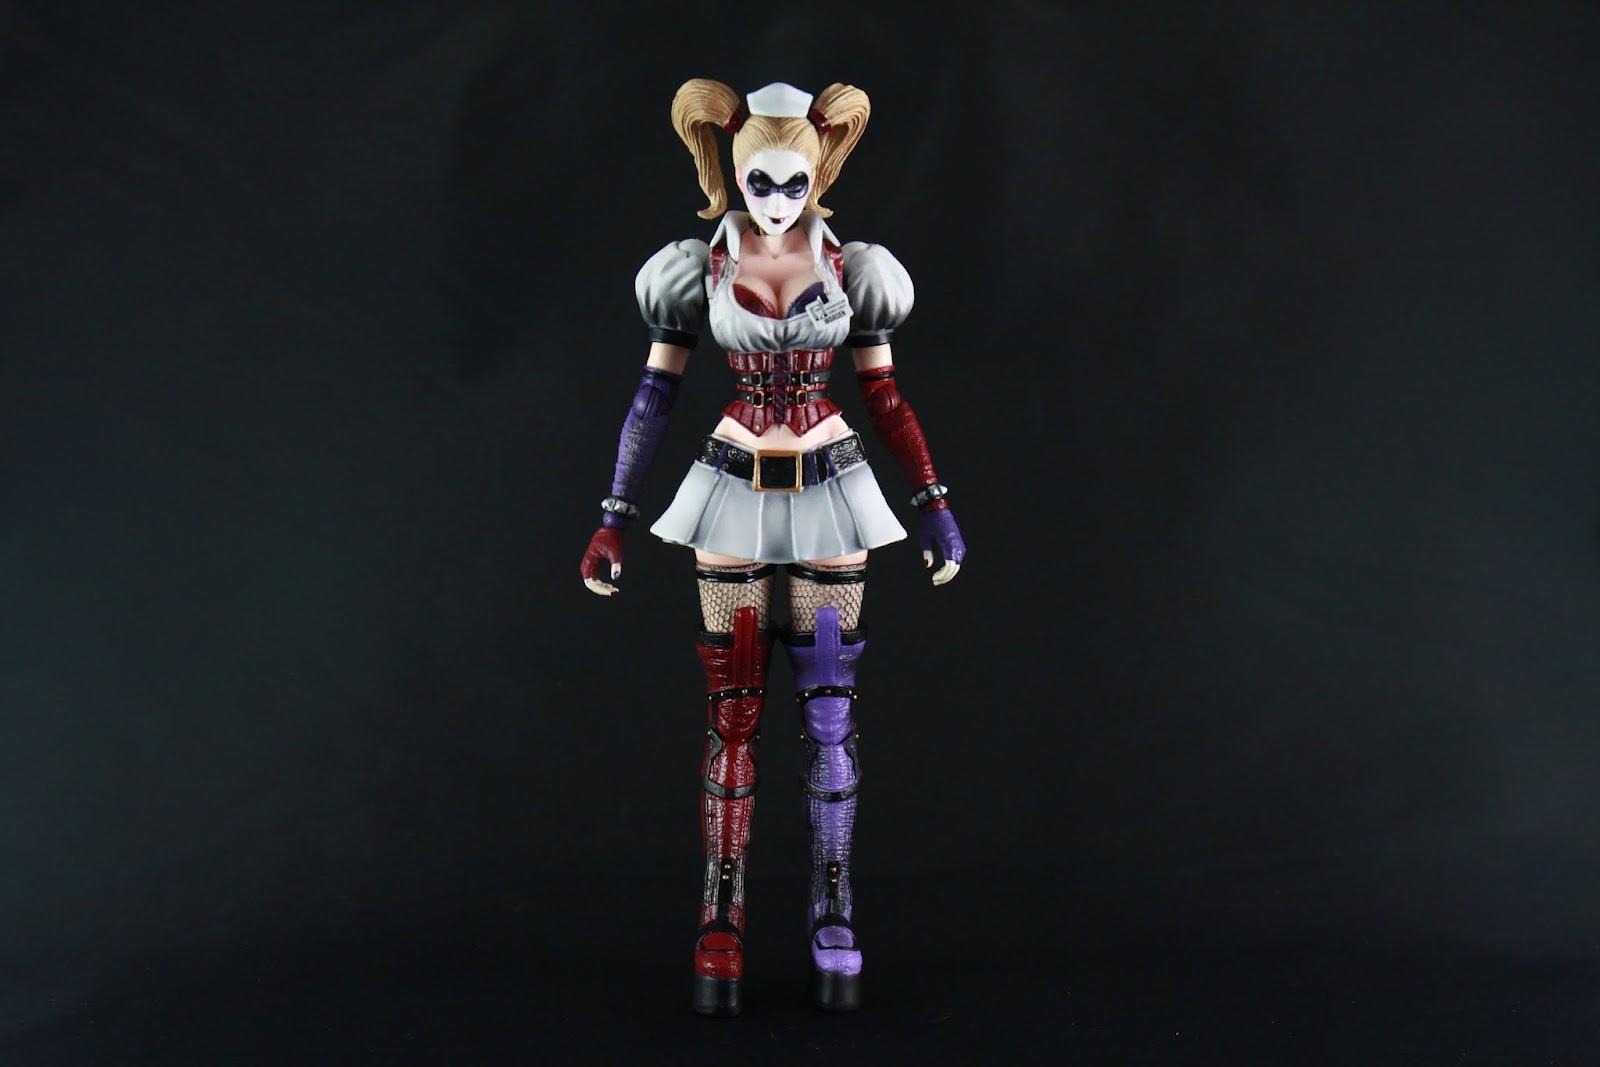 比例身形都照遊戲裡的設定 基本上沒有啥太大問題 這件衣服的不對稱美感在當初蠻令人驚豔的 畢竟跟原著穿的典型小丑服來說這件好上太多 當然~也因為有大露北半球 讓大家知道原來Harley Quinn也是很有料的 網襪跟過膝長靴我想也是某些人的必殺點吧~(笑)